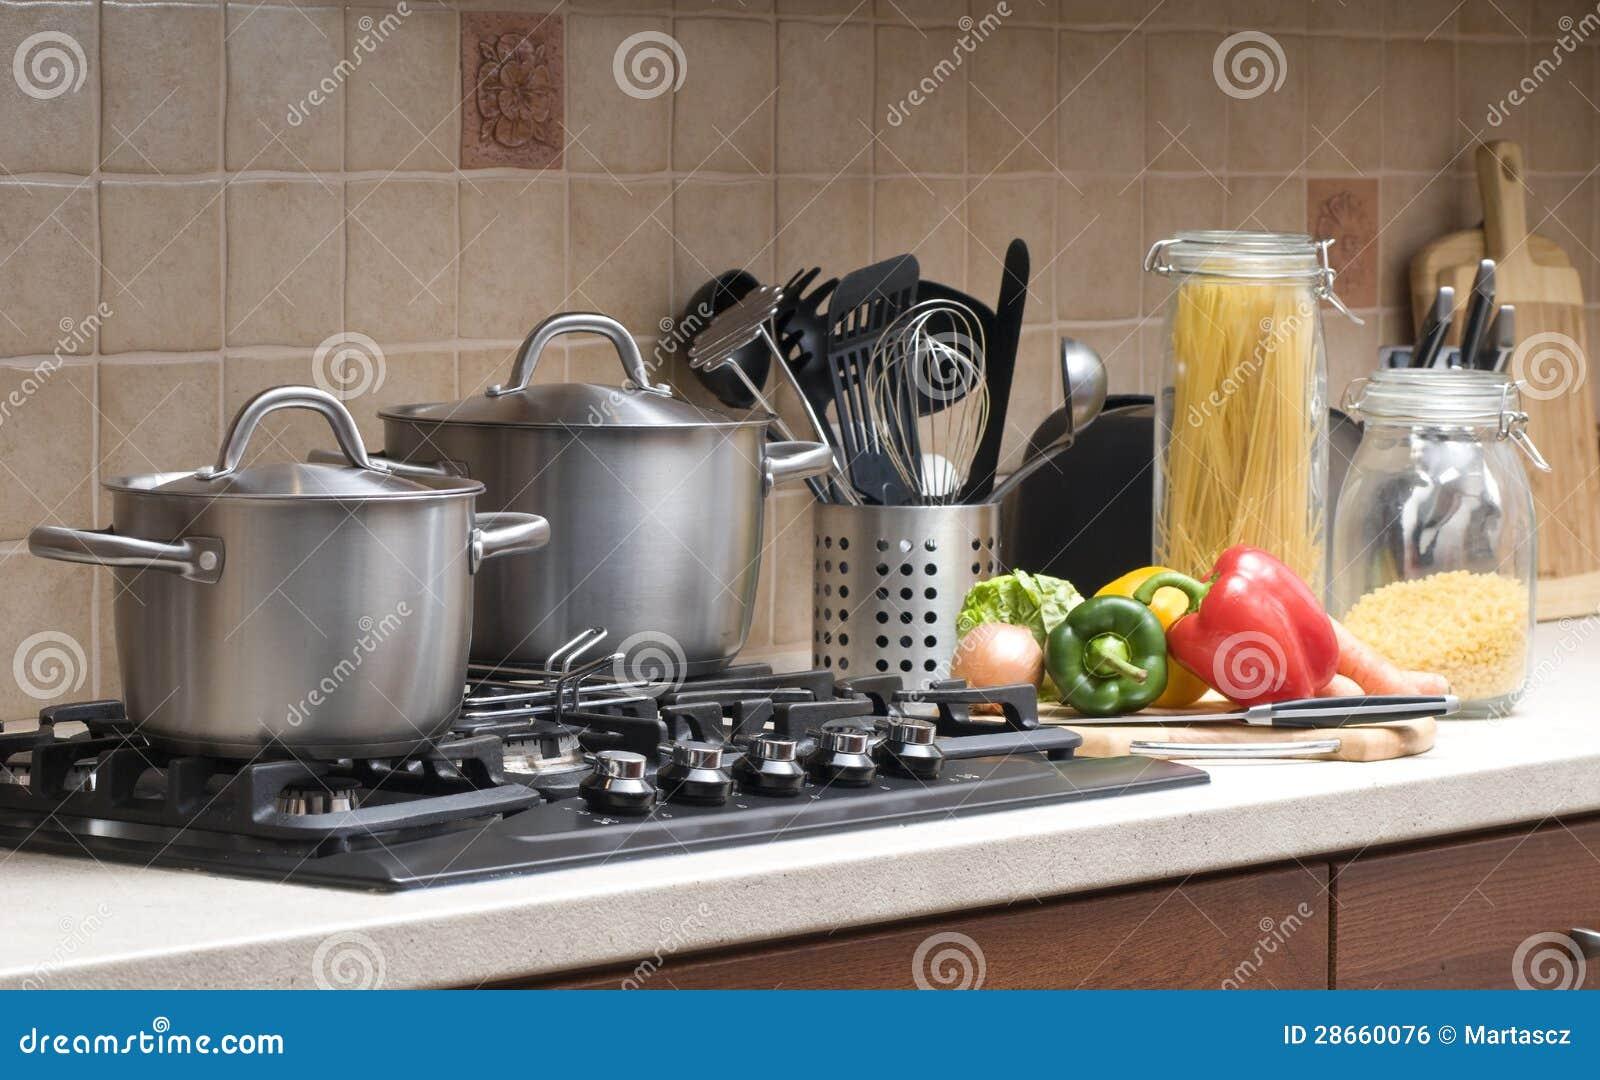 Kochen in einer kuche lizenzfreies stockbild bild 28660076 for Kompostbeh lter küche